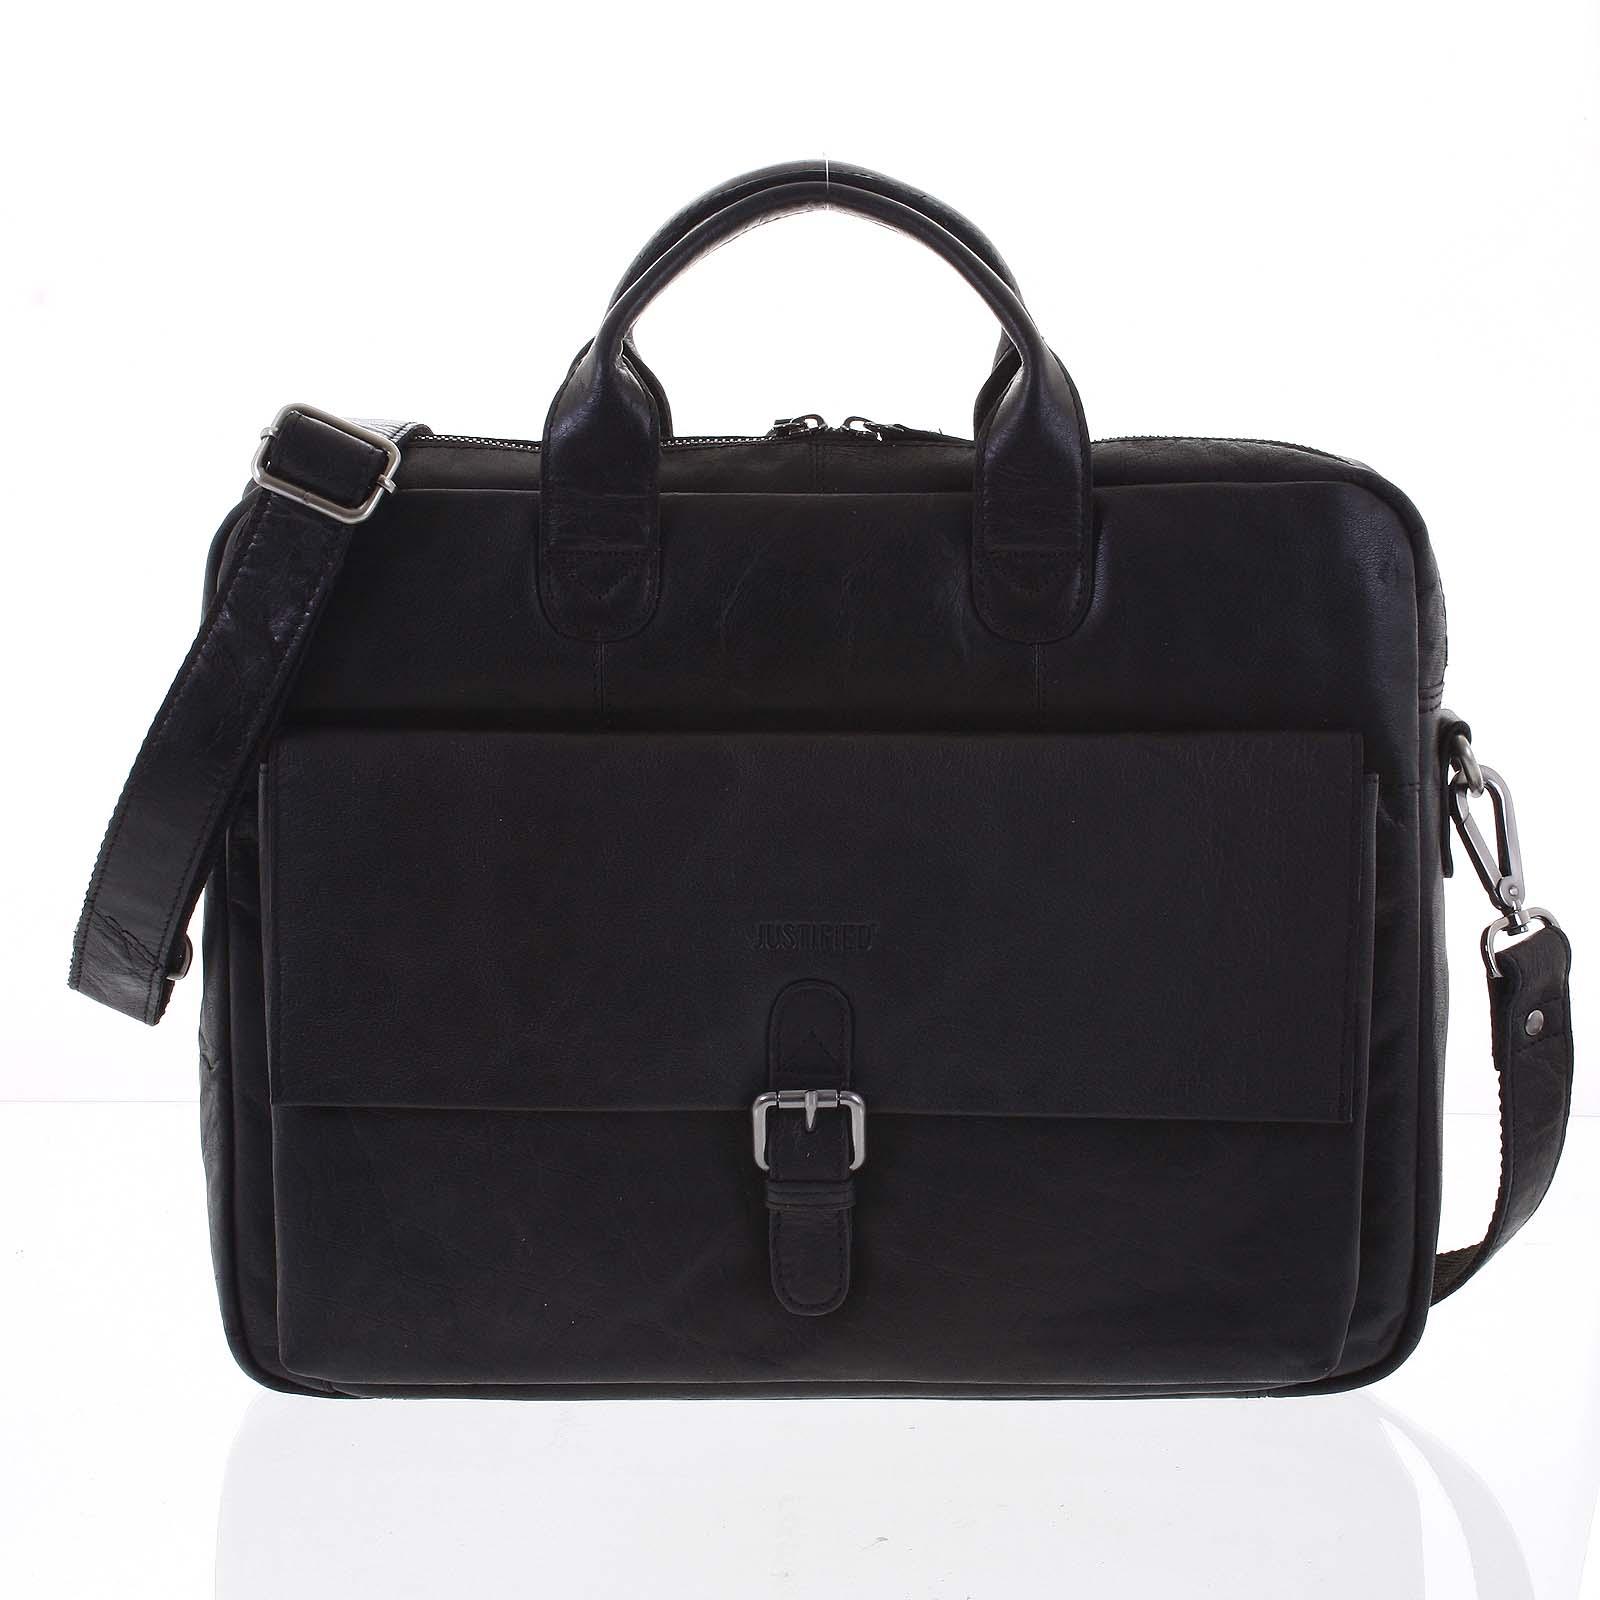 Luxusná čierna kožená pracovná taška na notebook - Justified Andrew čierna